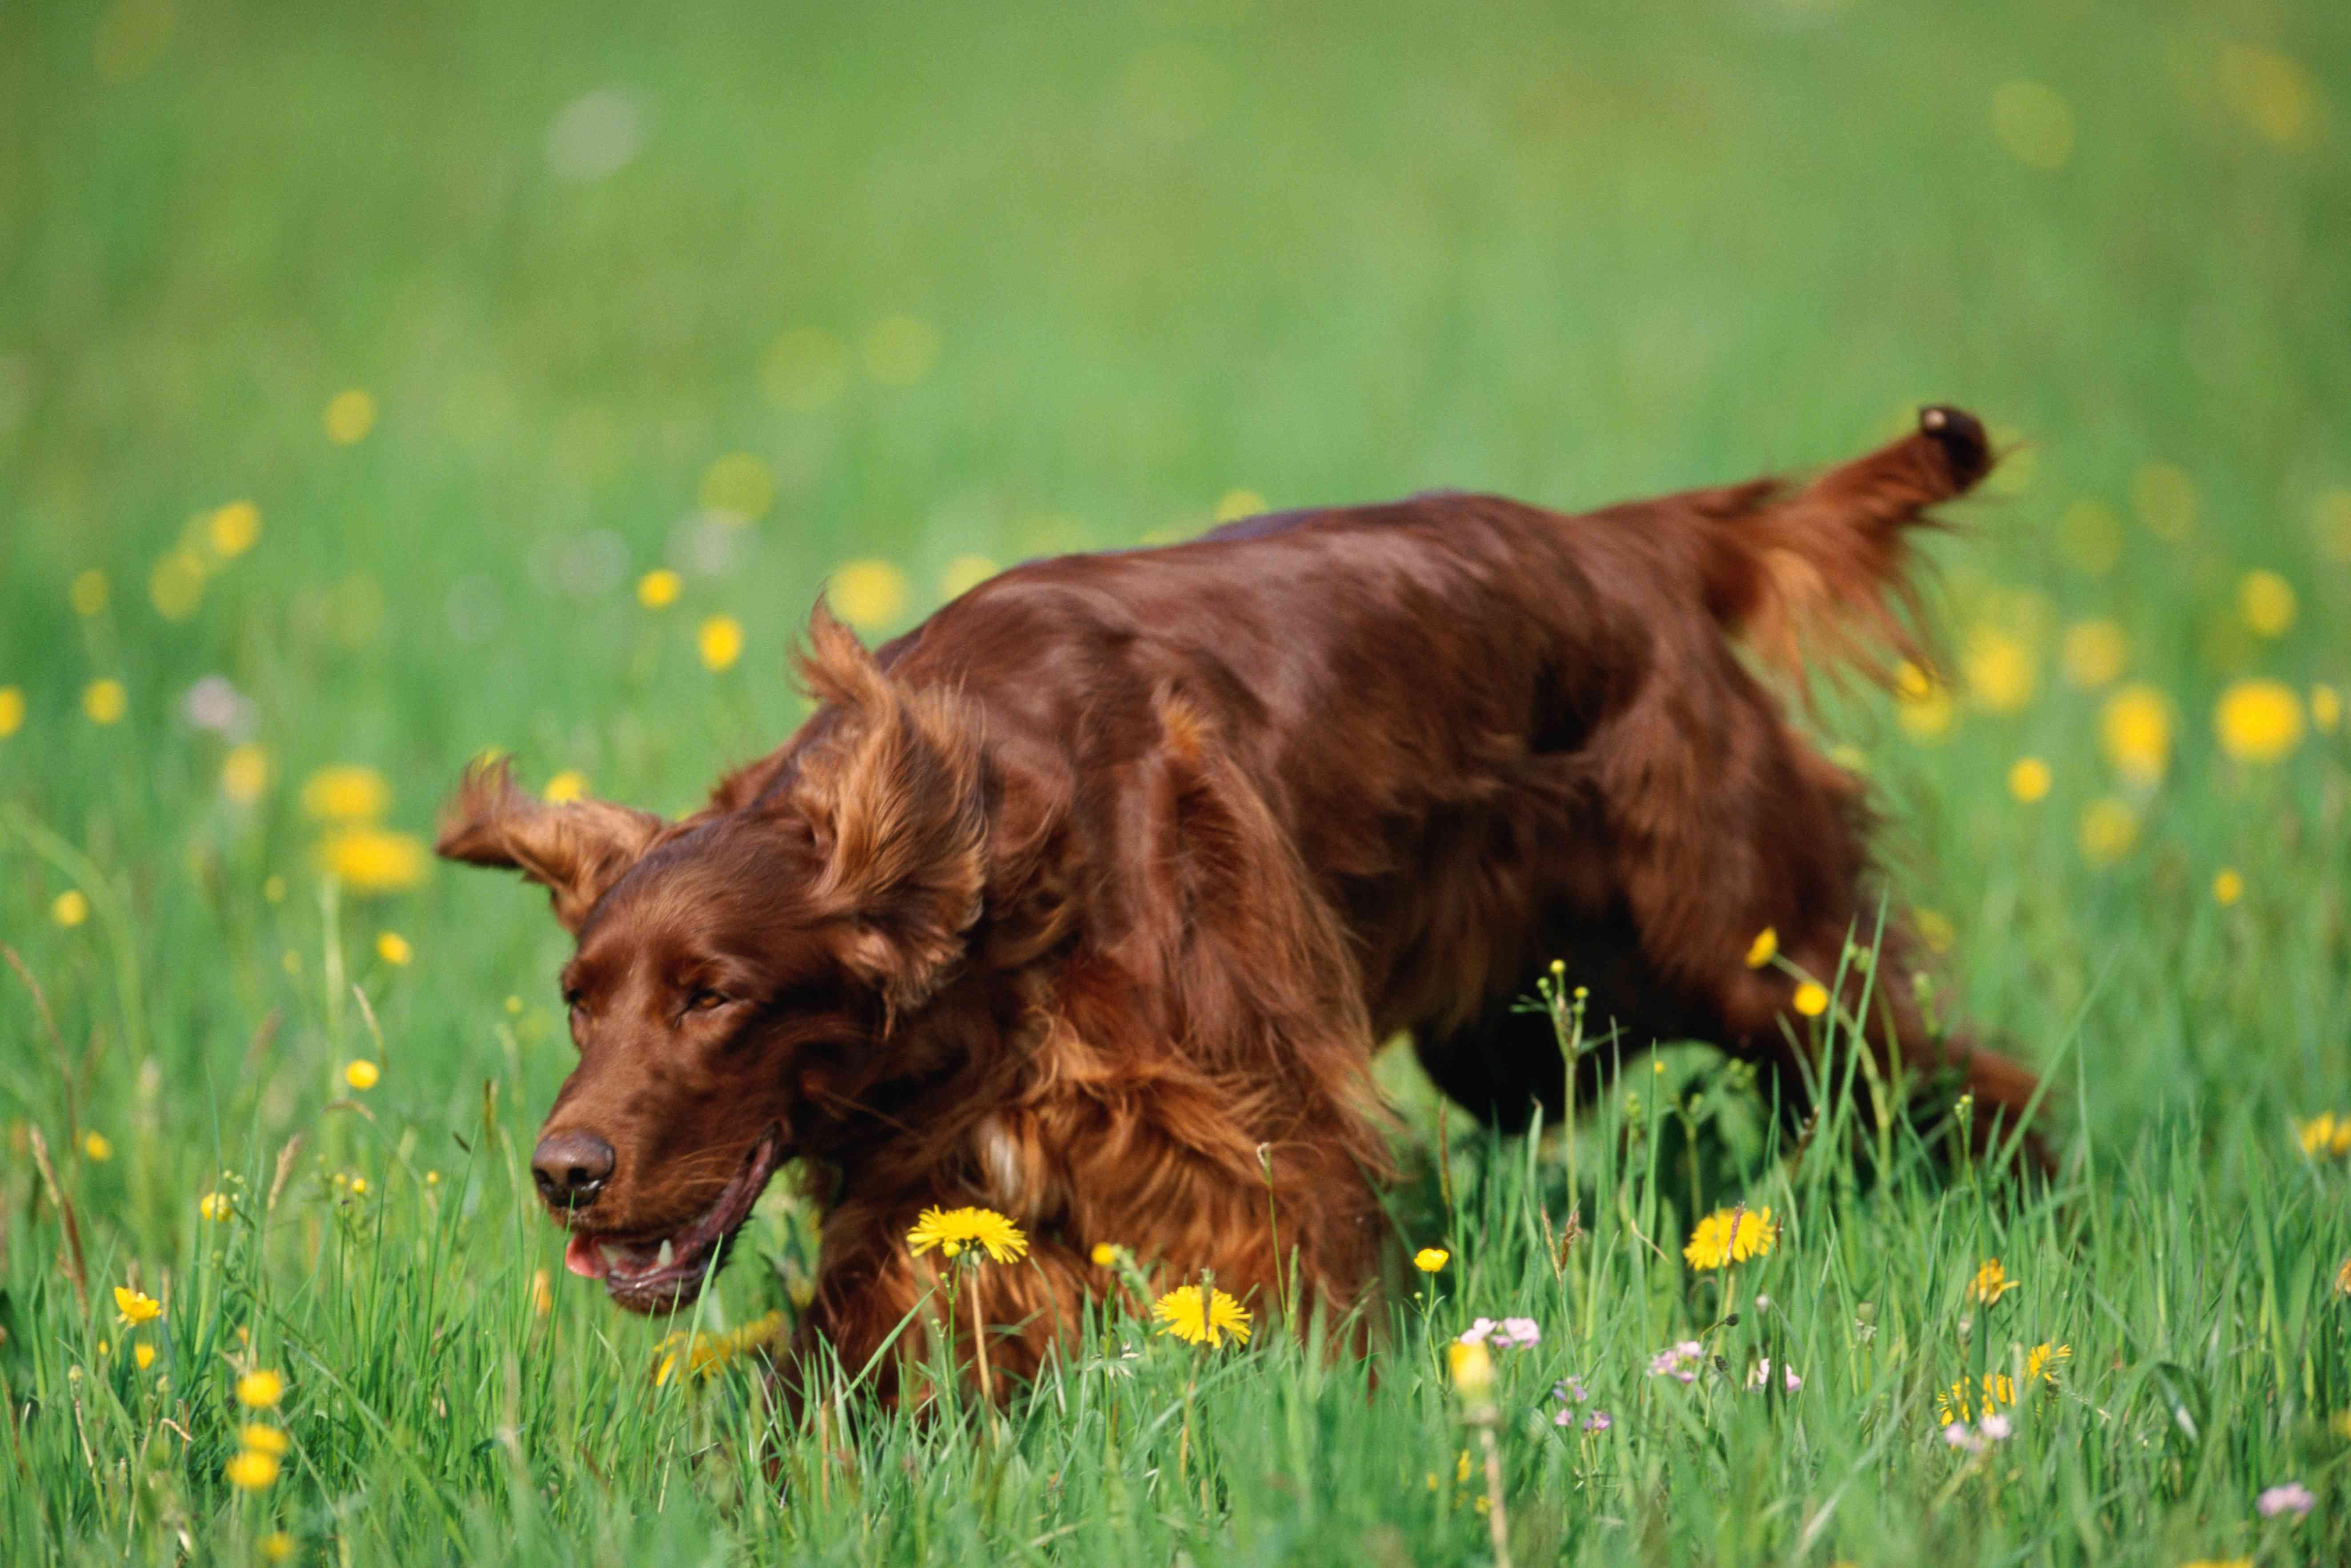 Irish setter running through grass